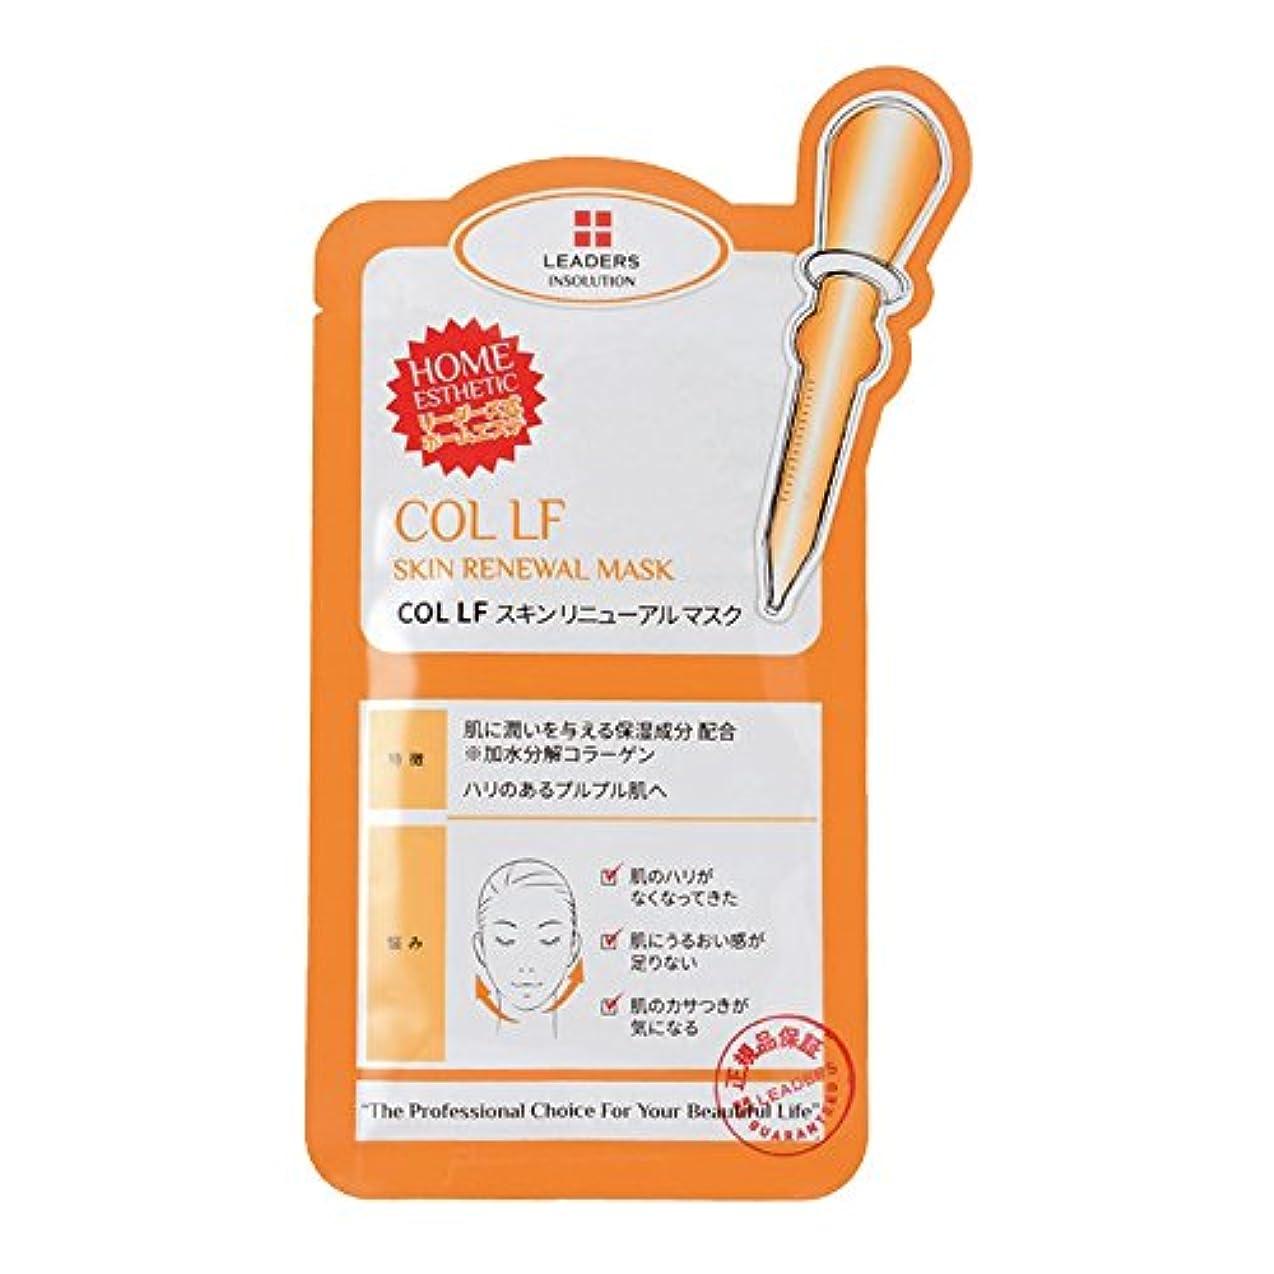 ランプ心のこもった晩ごはん日本限定版 国内正規品 LEADERS リーダース コラーゲンリフティング スキンリニュアル マスク 1枚 25ml ハリ ツヤ エイジングケア